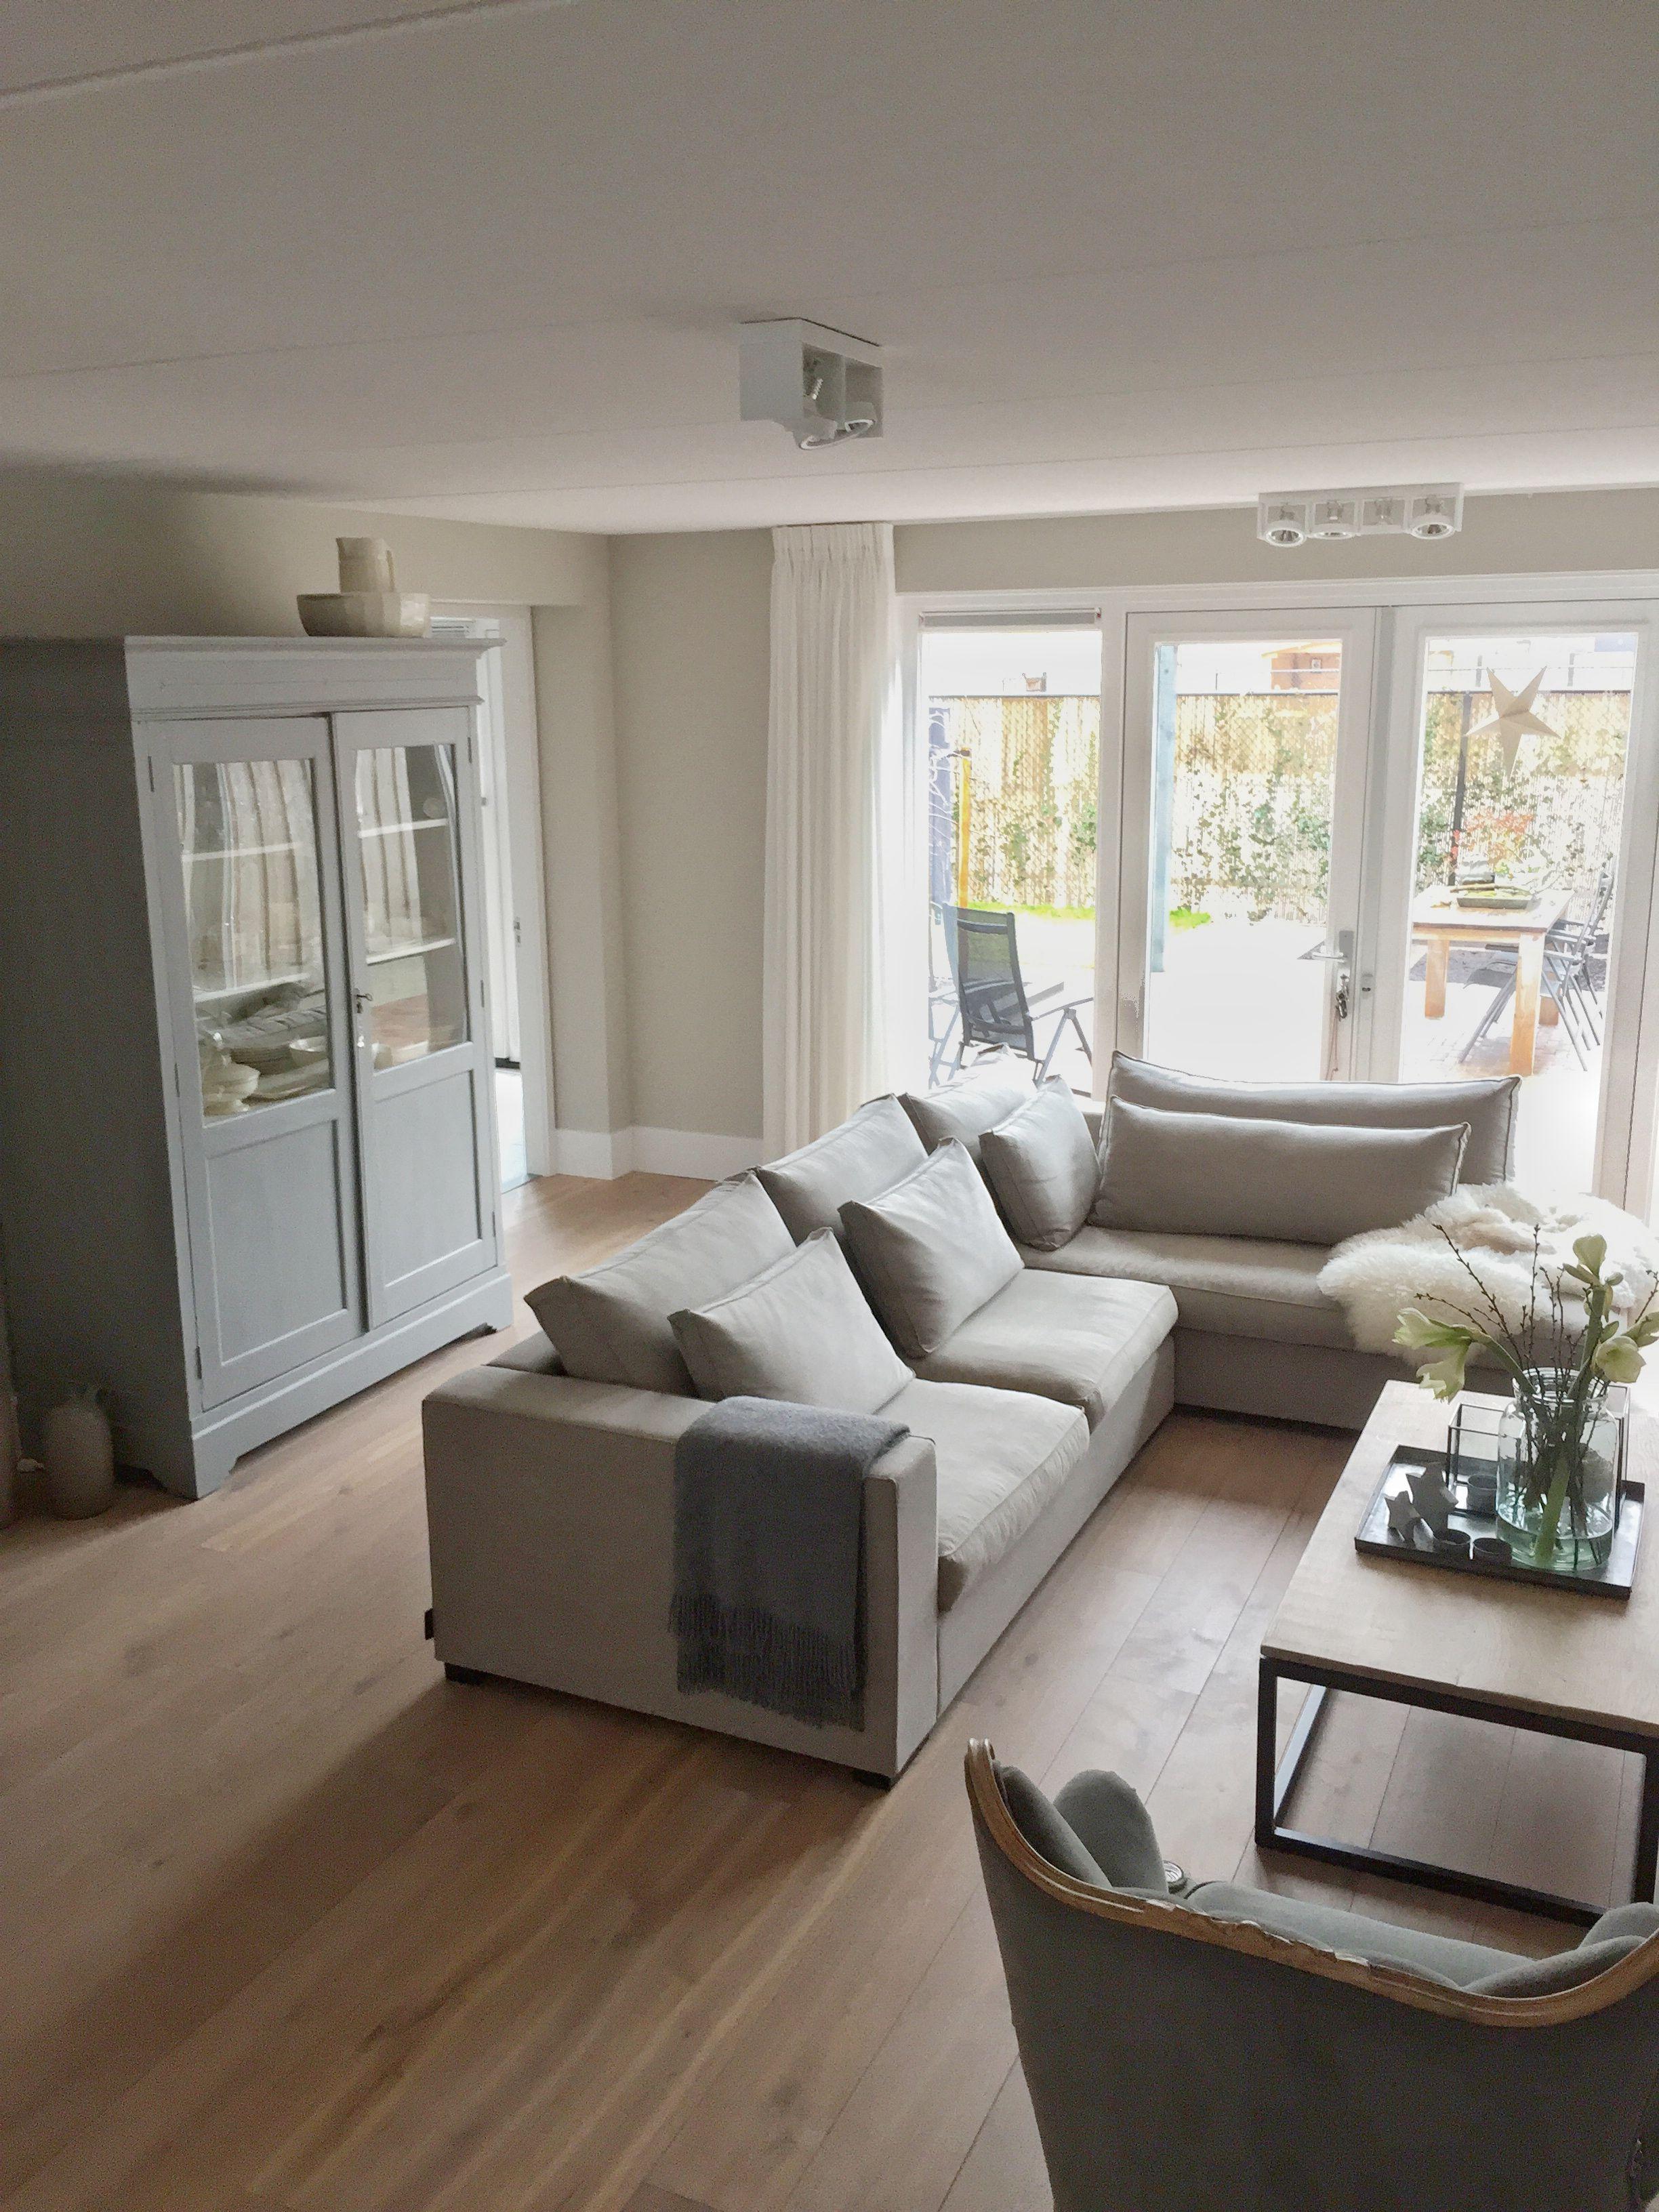 Livingroom/Woonkamer | Home decor | Pinterest | Wohnzimmer, Garage ...